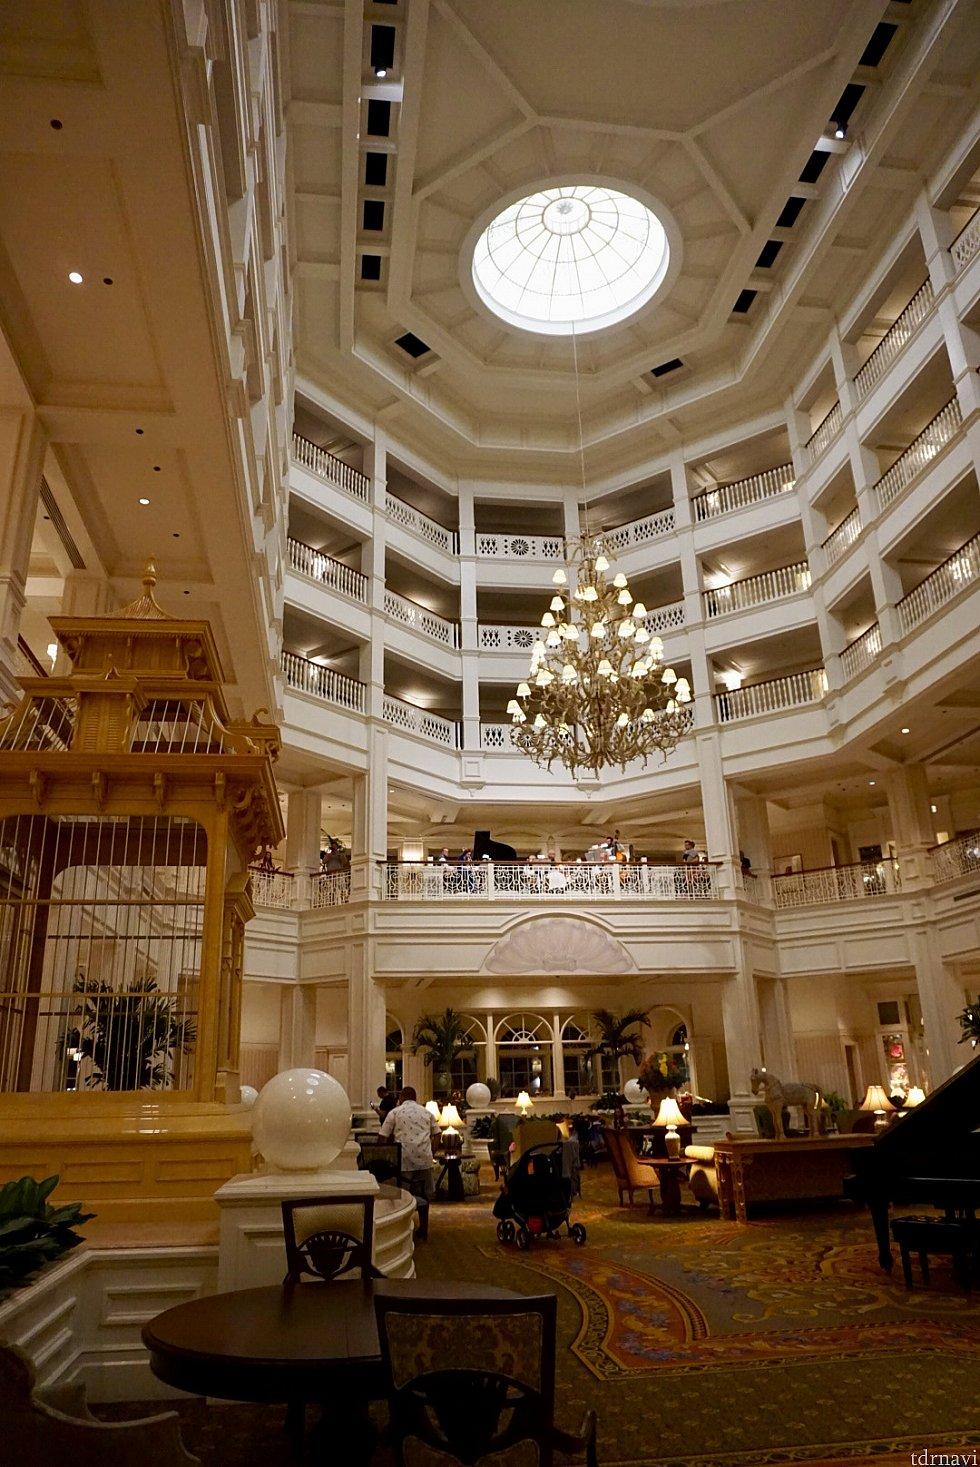 ヴィクトリア朝スタイルがデザインのリゾートです。この建物の2階にVIctoria & Albert'sはあります。